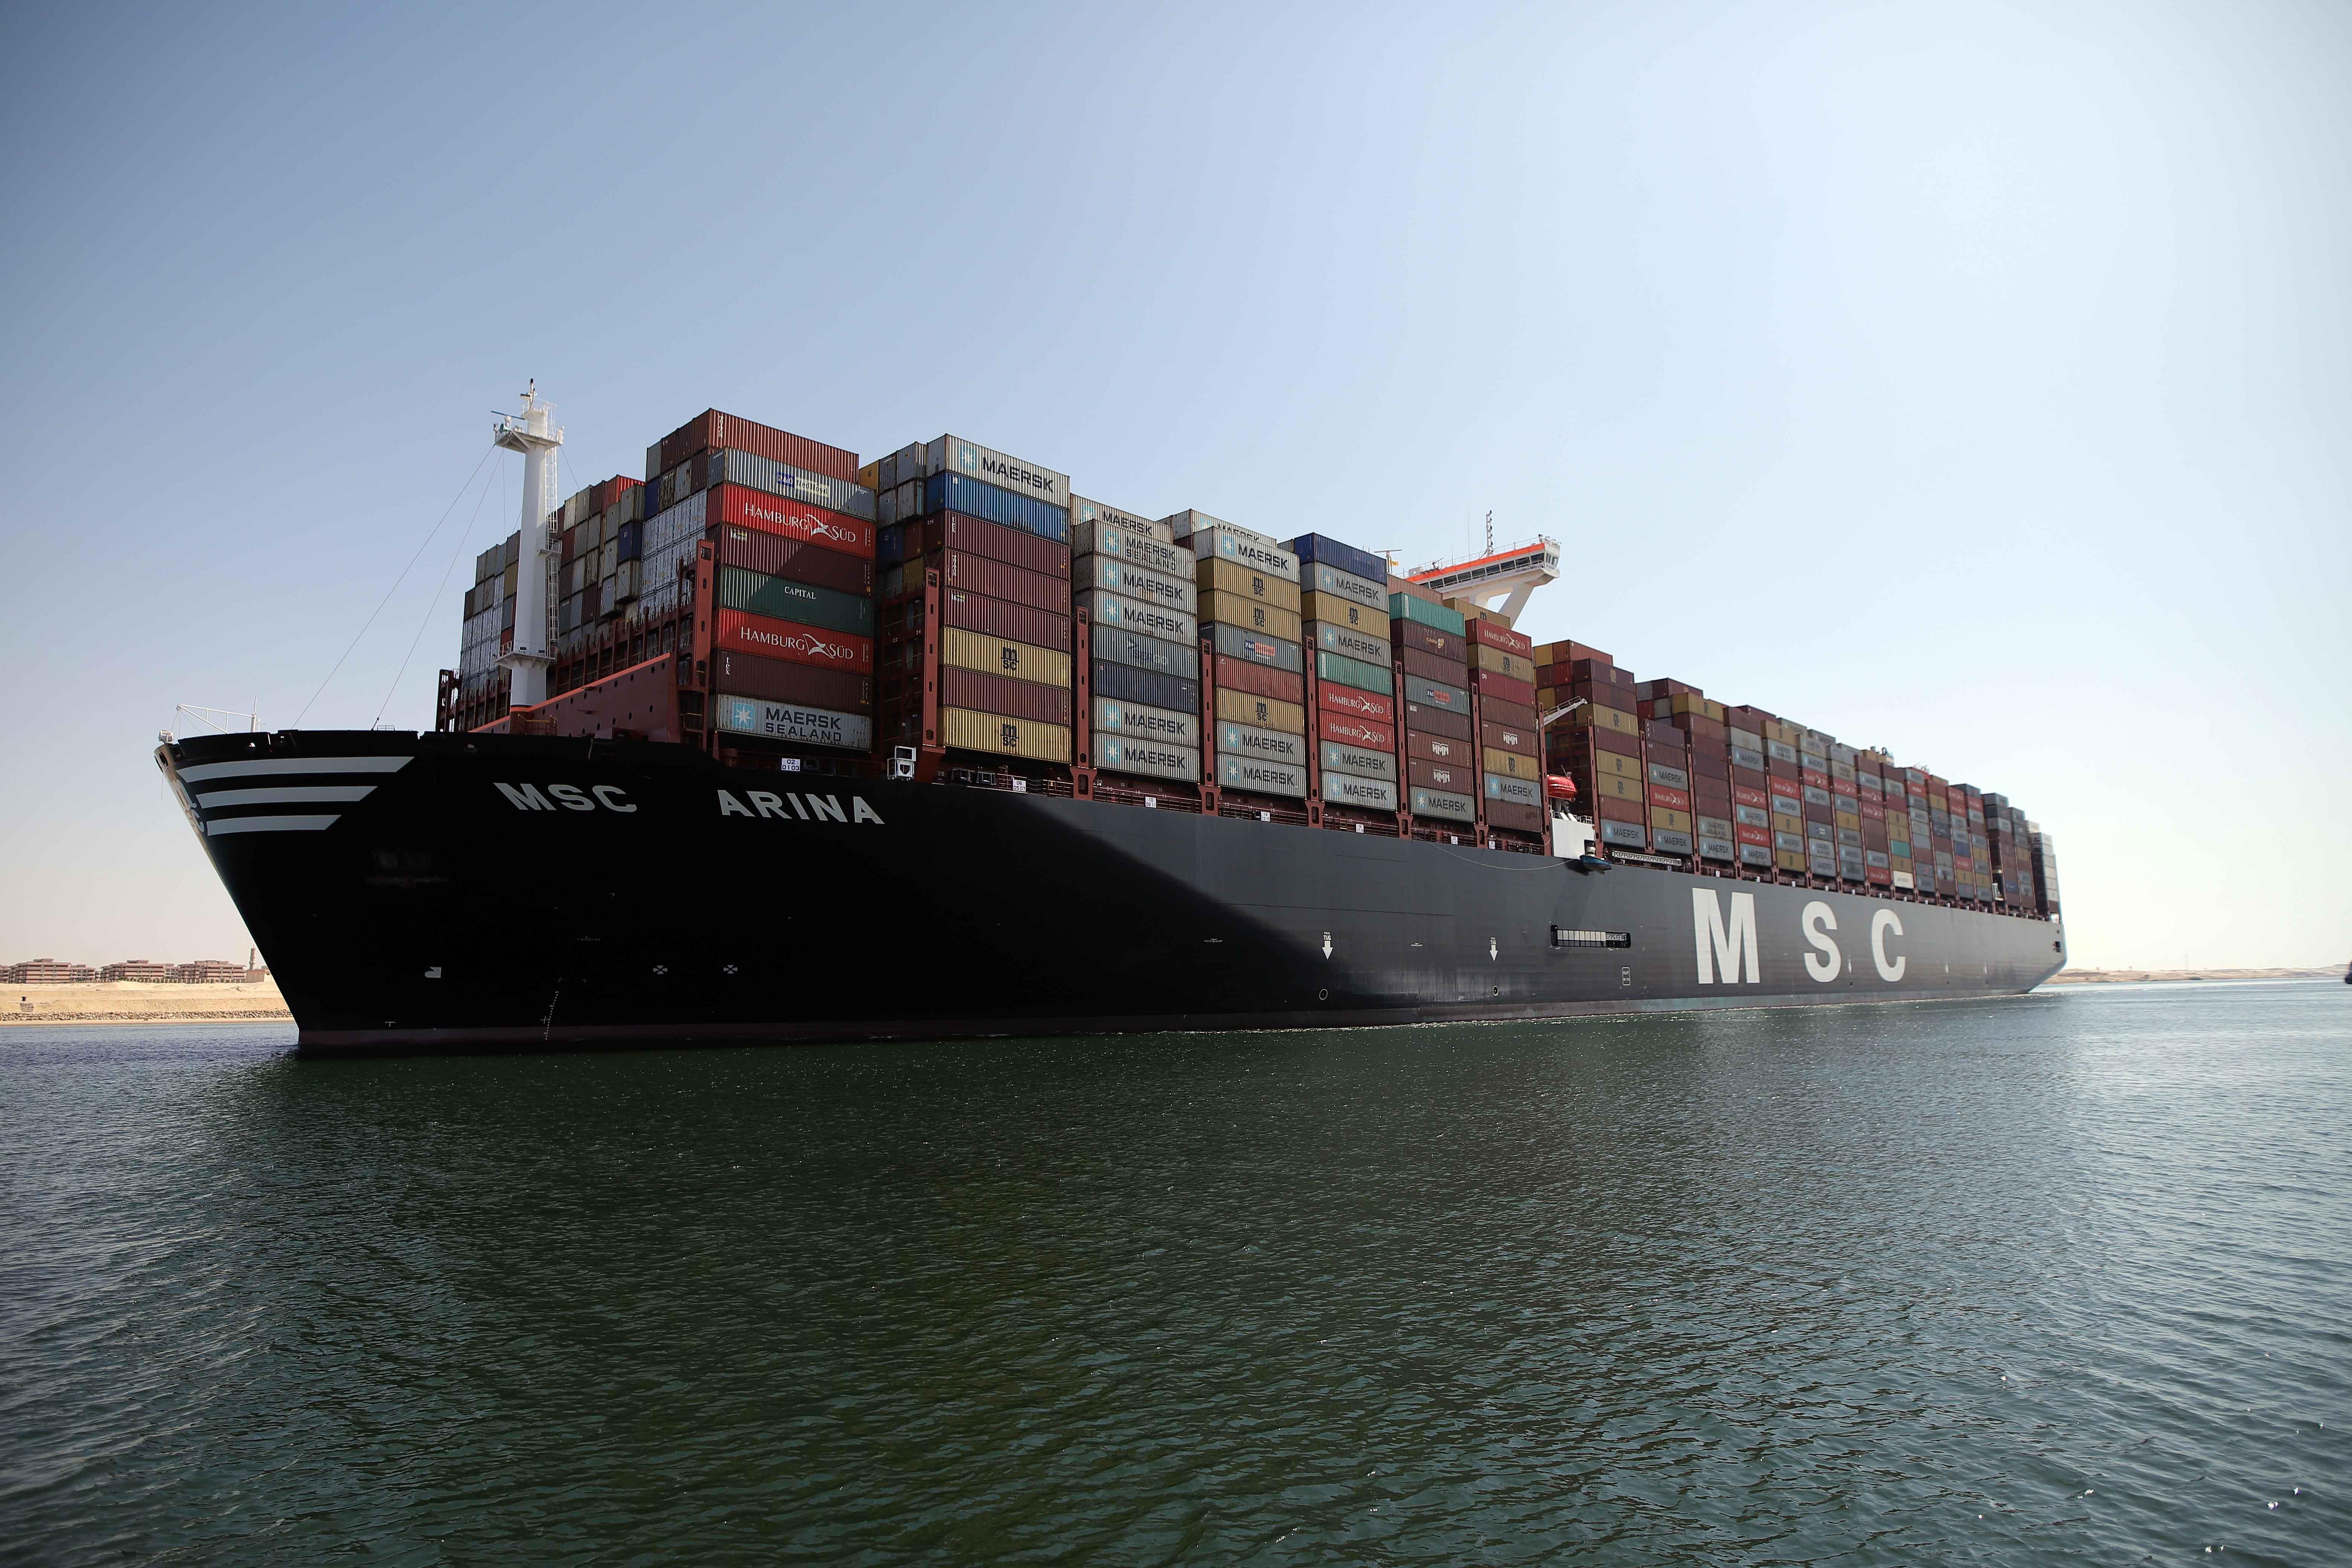 السفينة MSC ARINA خلال عبورها قناة السويس